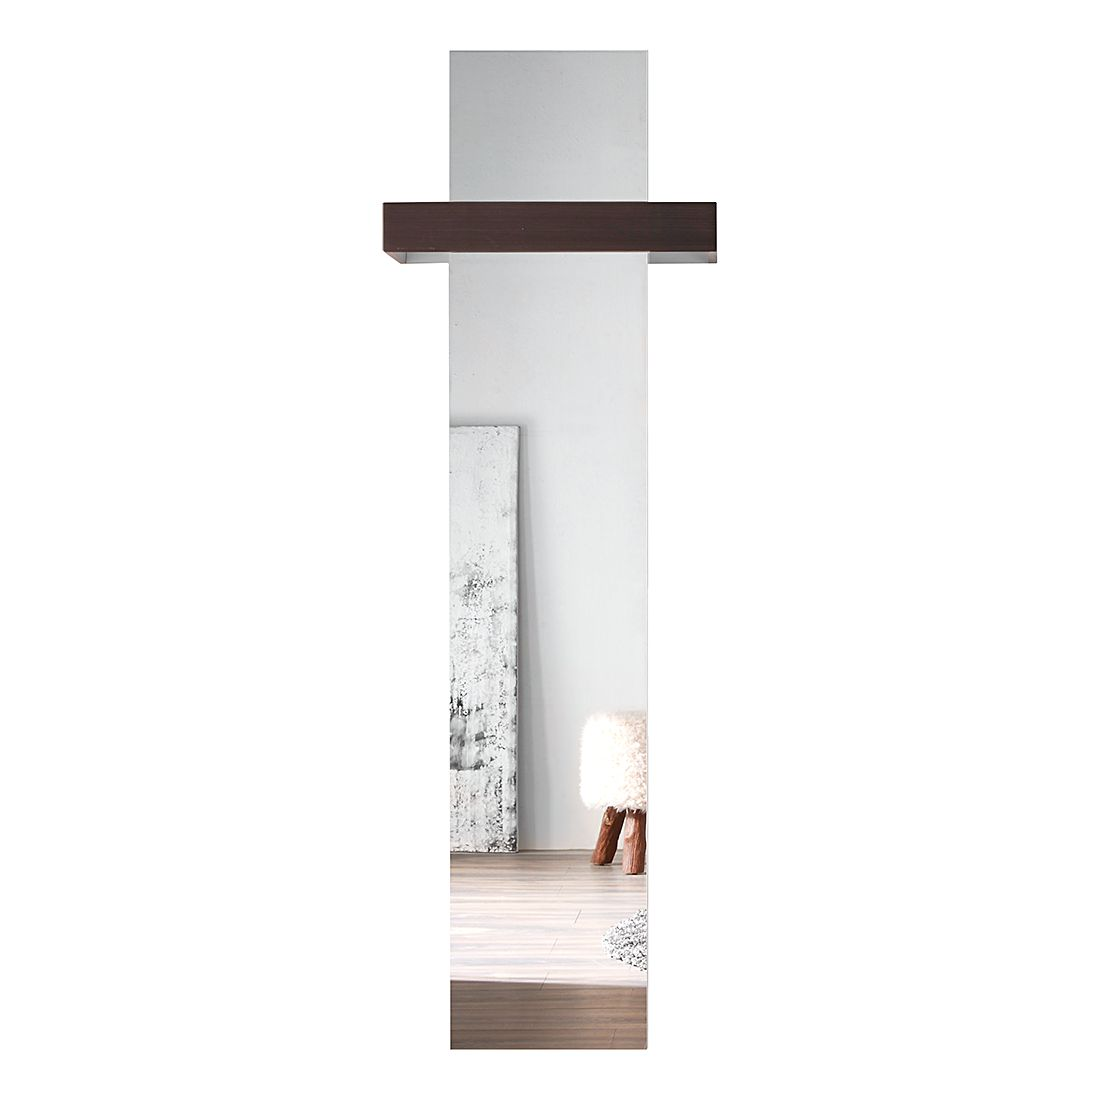 Garderobespiegel Baku - hoogglans wit/donker eikenhouten look, Trendteam